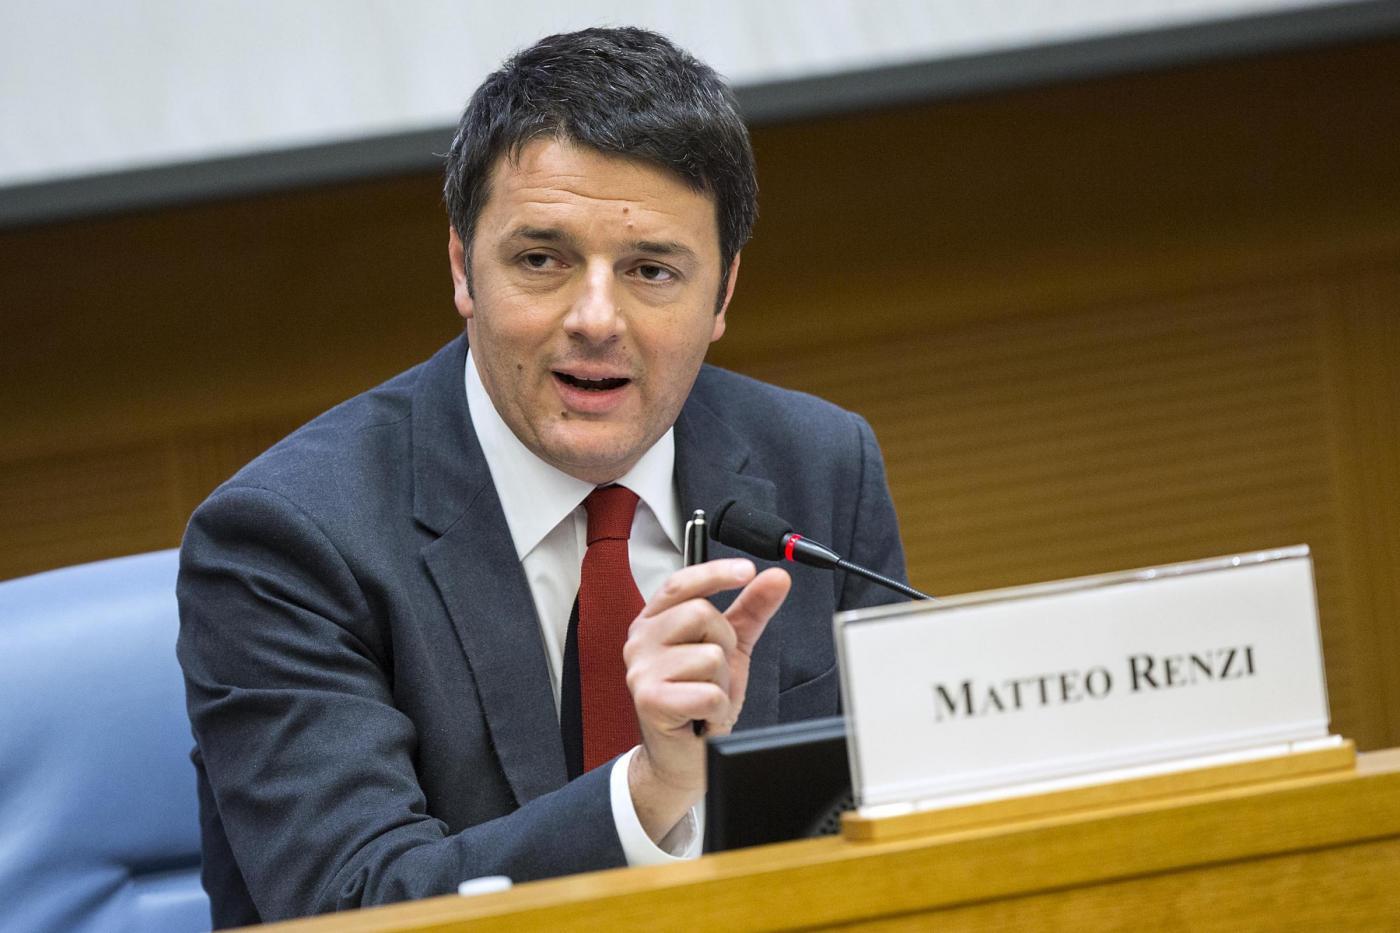 Matteo Renzi, conferenza stampa di fine anno: «L'Italia deve tornare a correre»